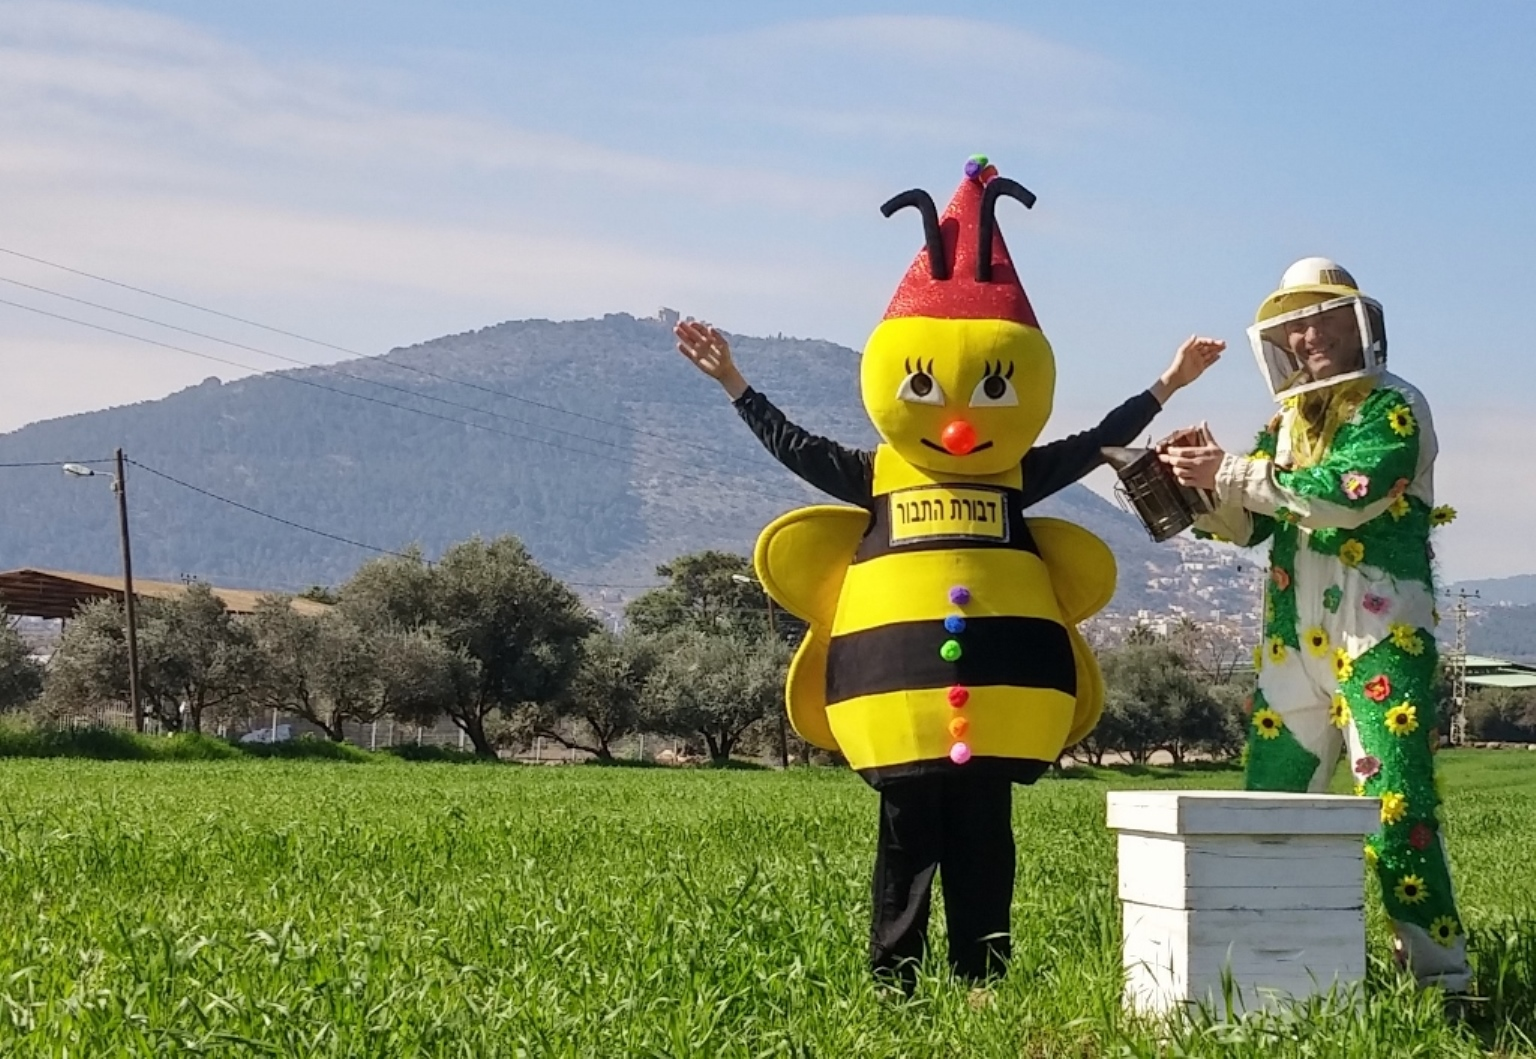 מועצת הדבש מזמינה להתחפש לדבוראים ודבורים- צילום דבורת התבור